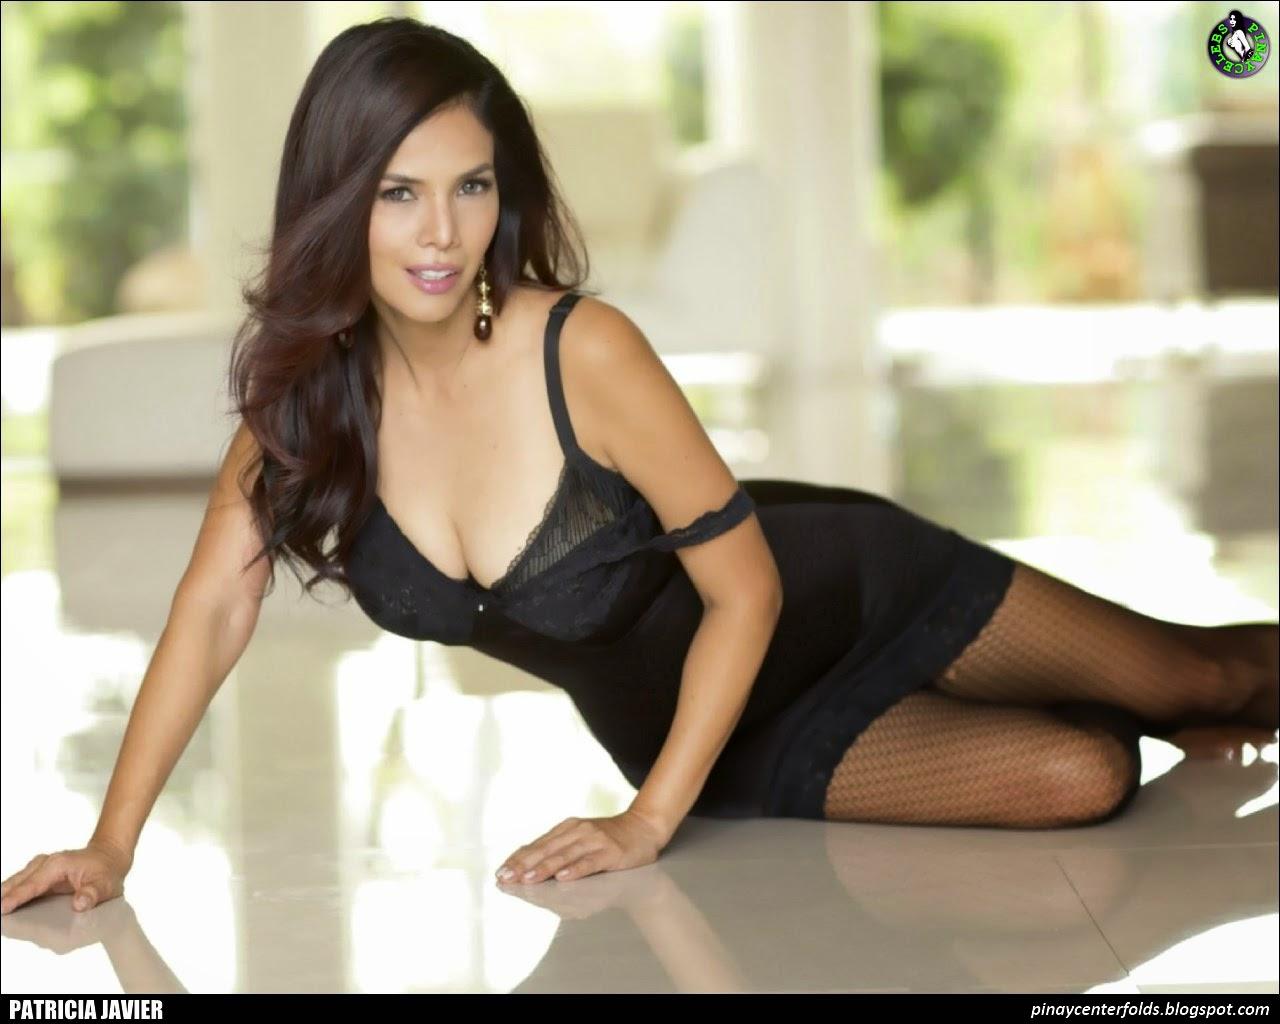 Patricia Javier In FHM 4